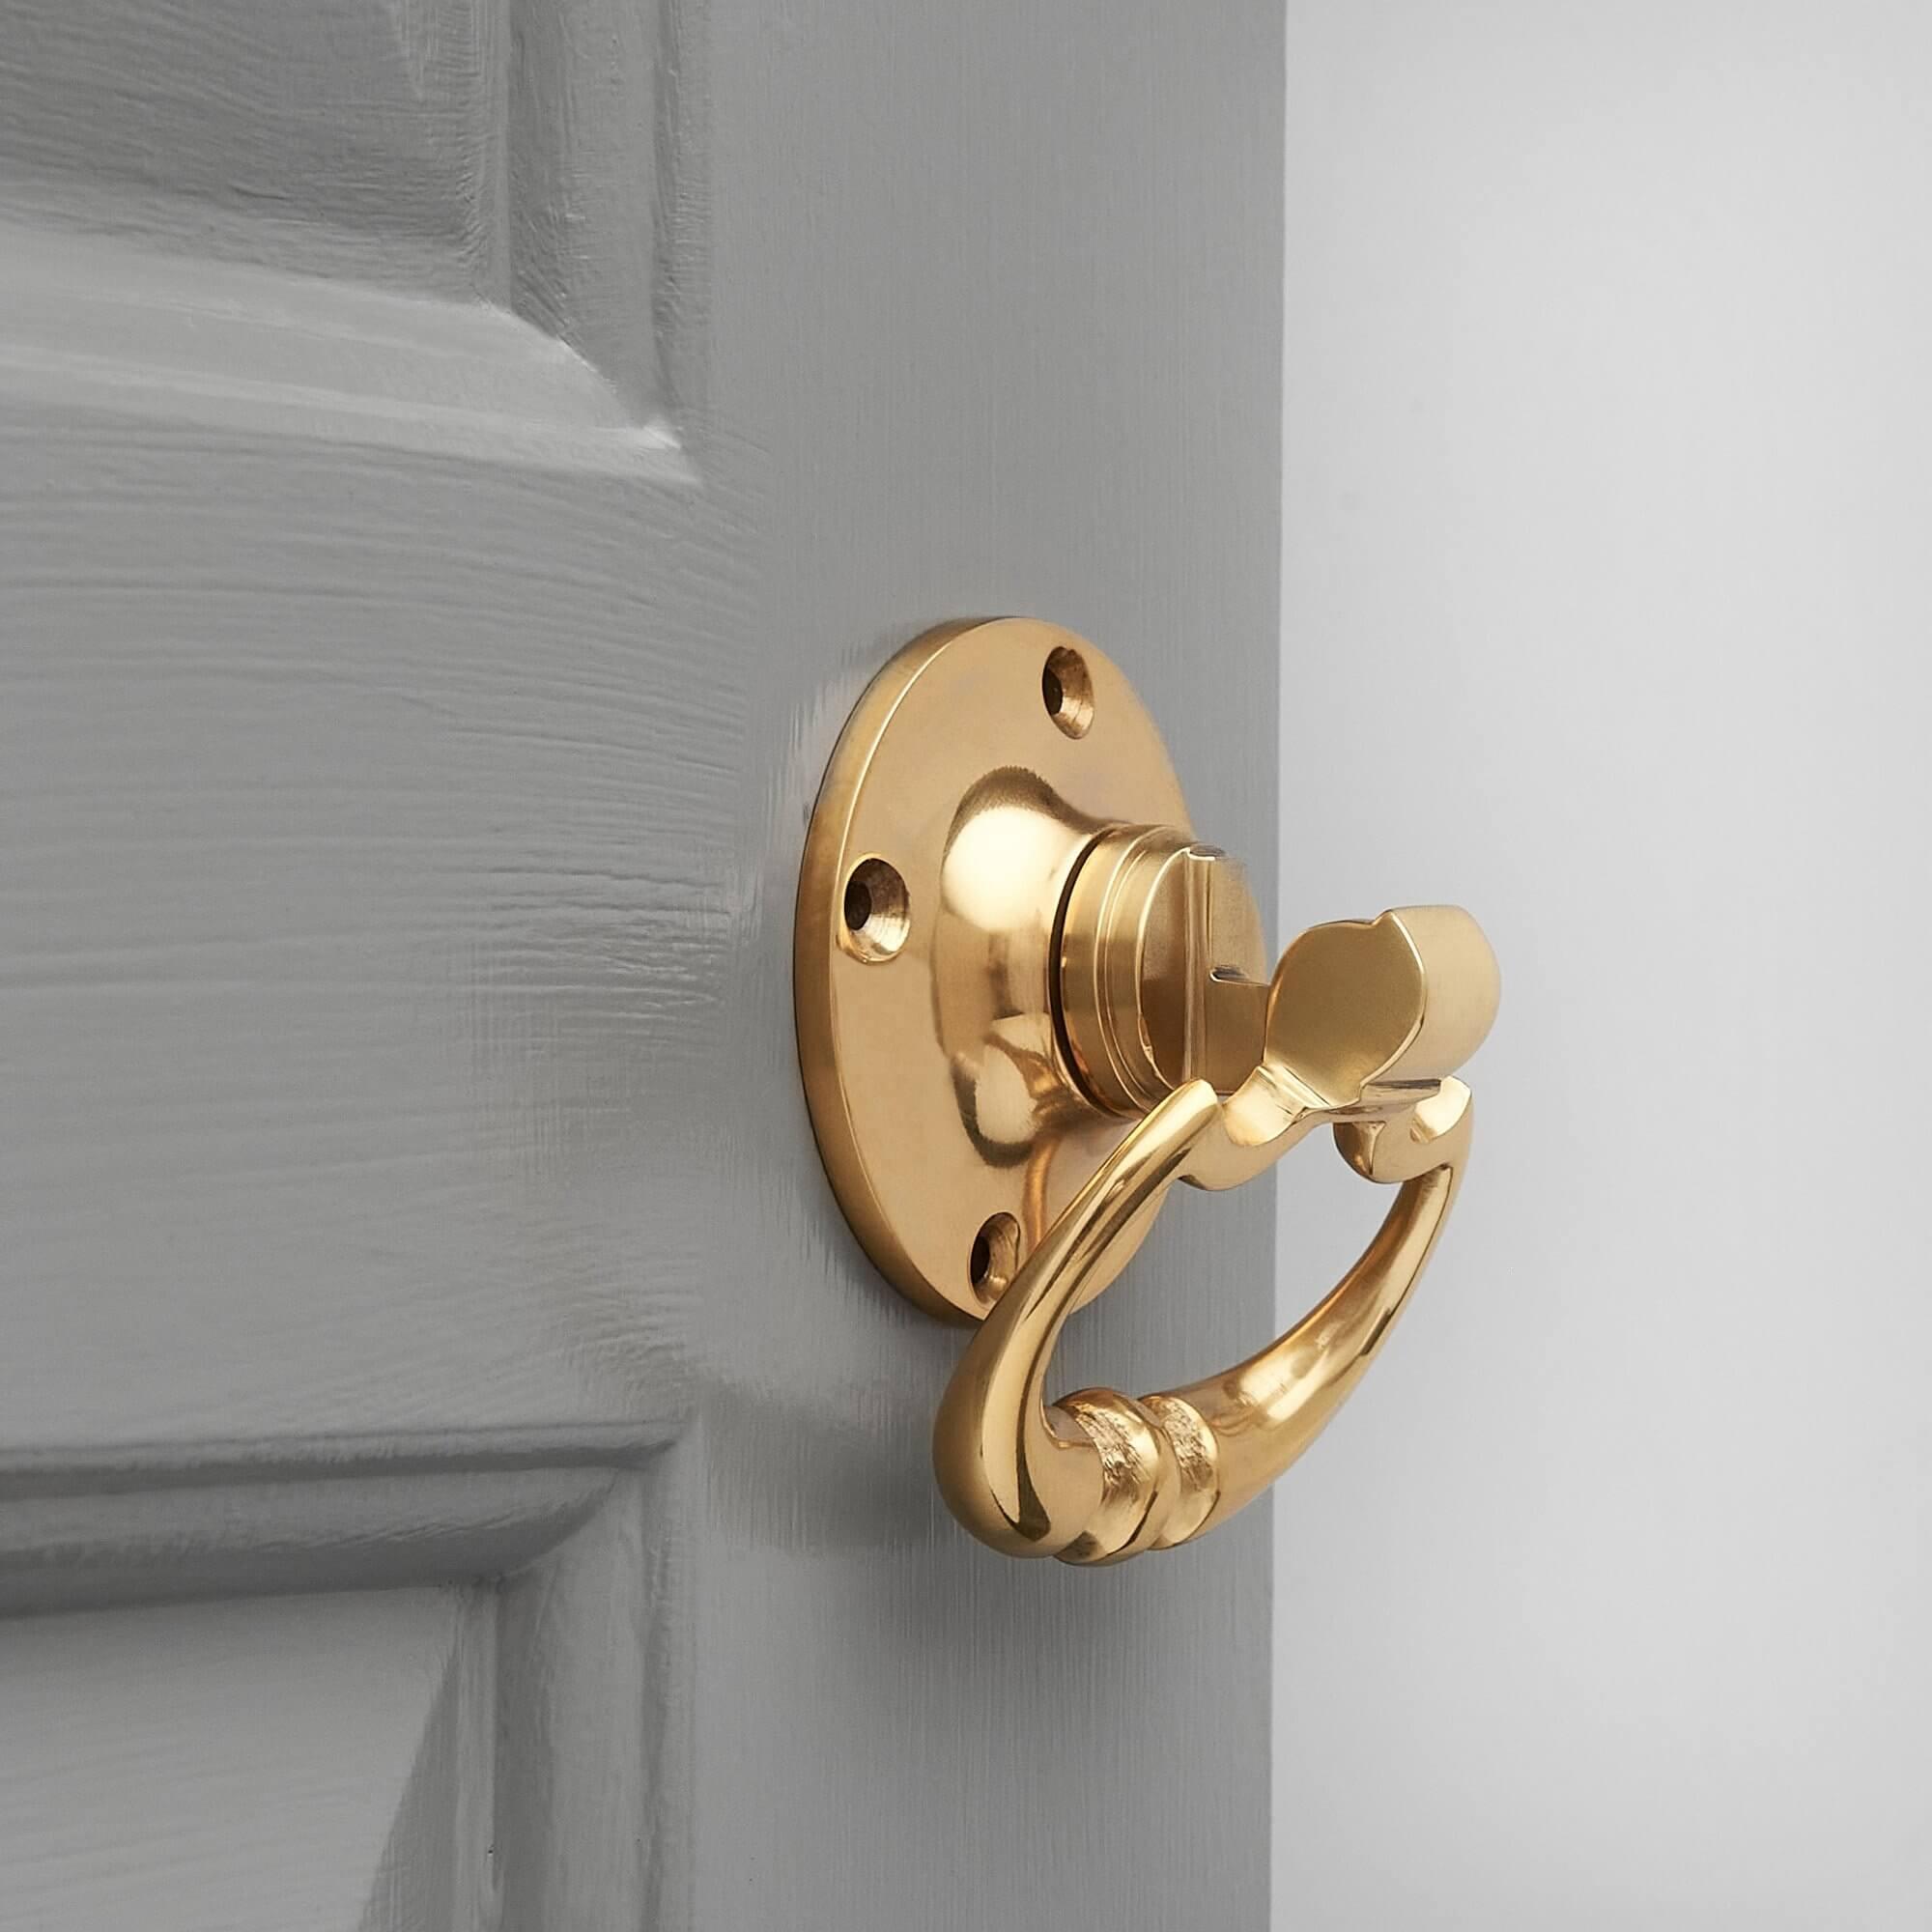 Dutch Drop Ring Door Handles (Pair) - Brass